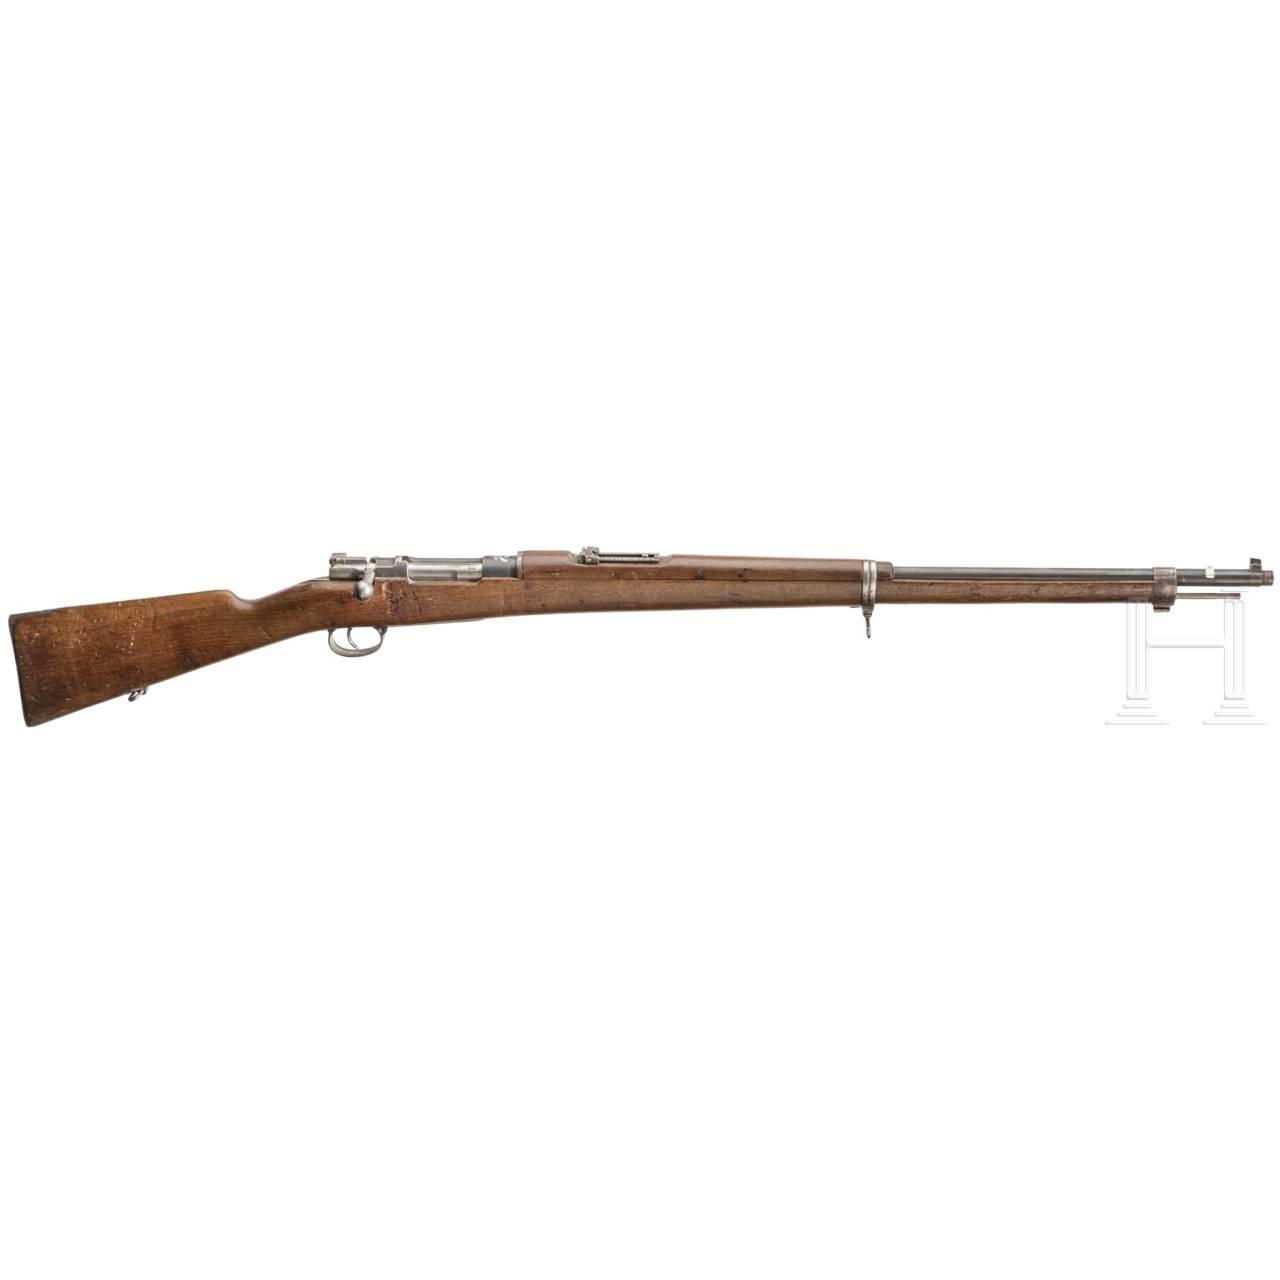 Gewehr 98 modifiziert, Oviedo 1928